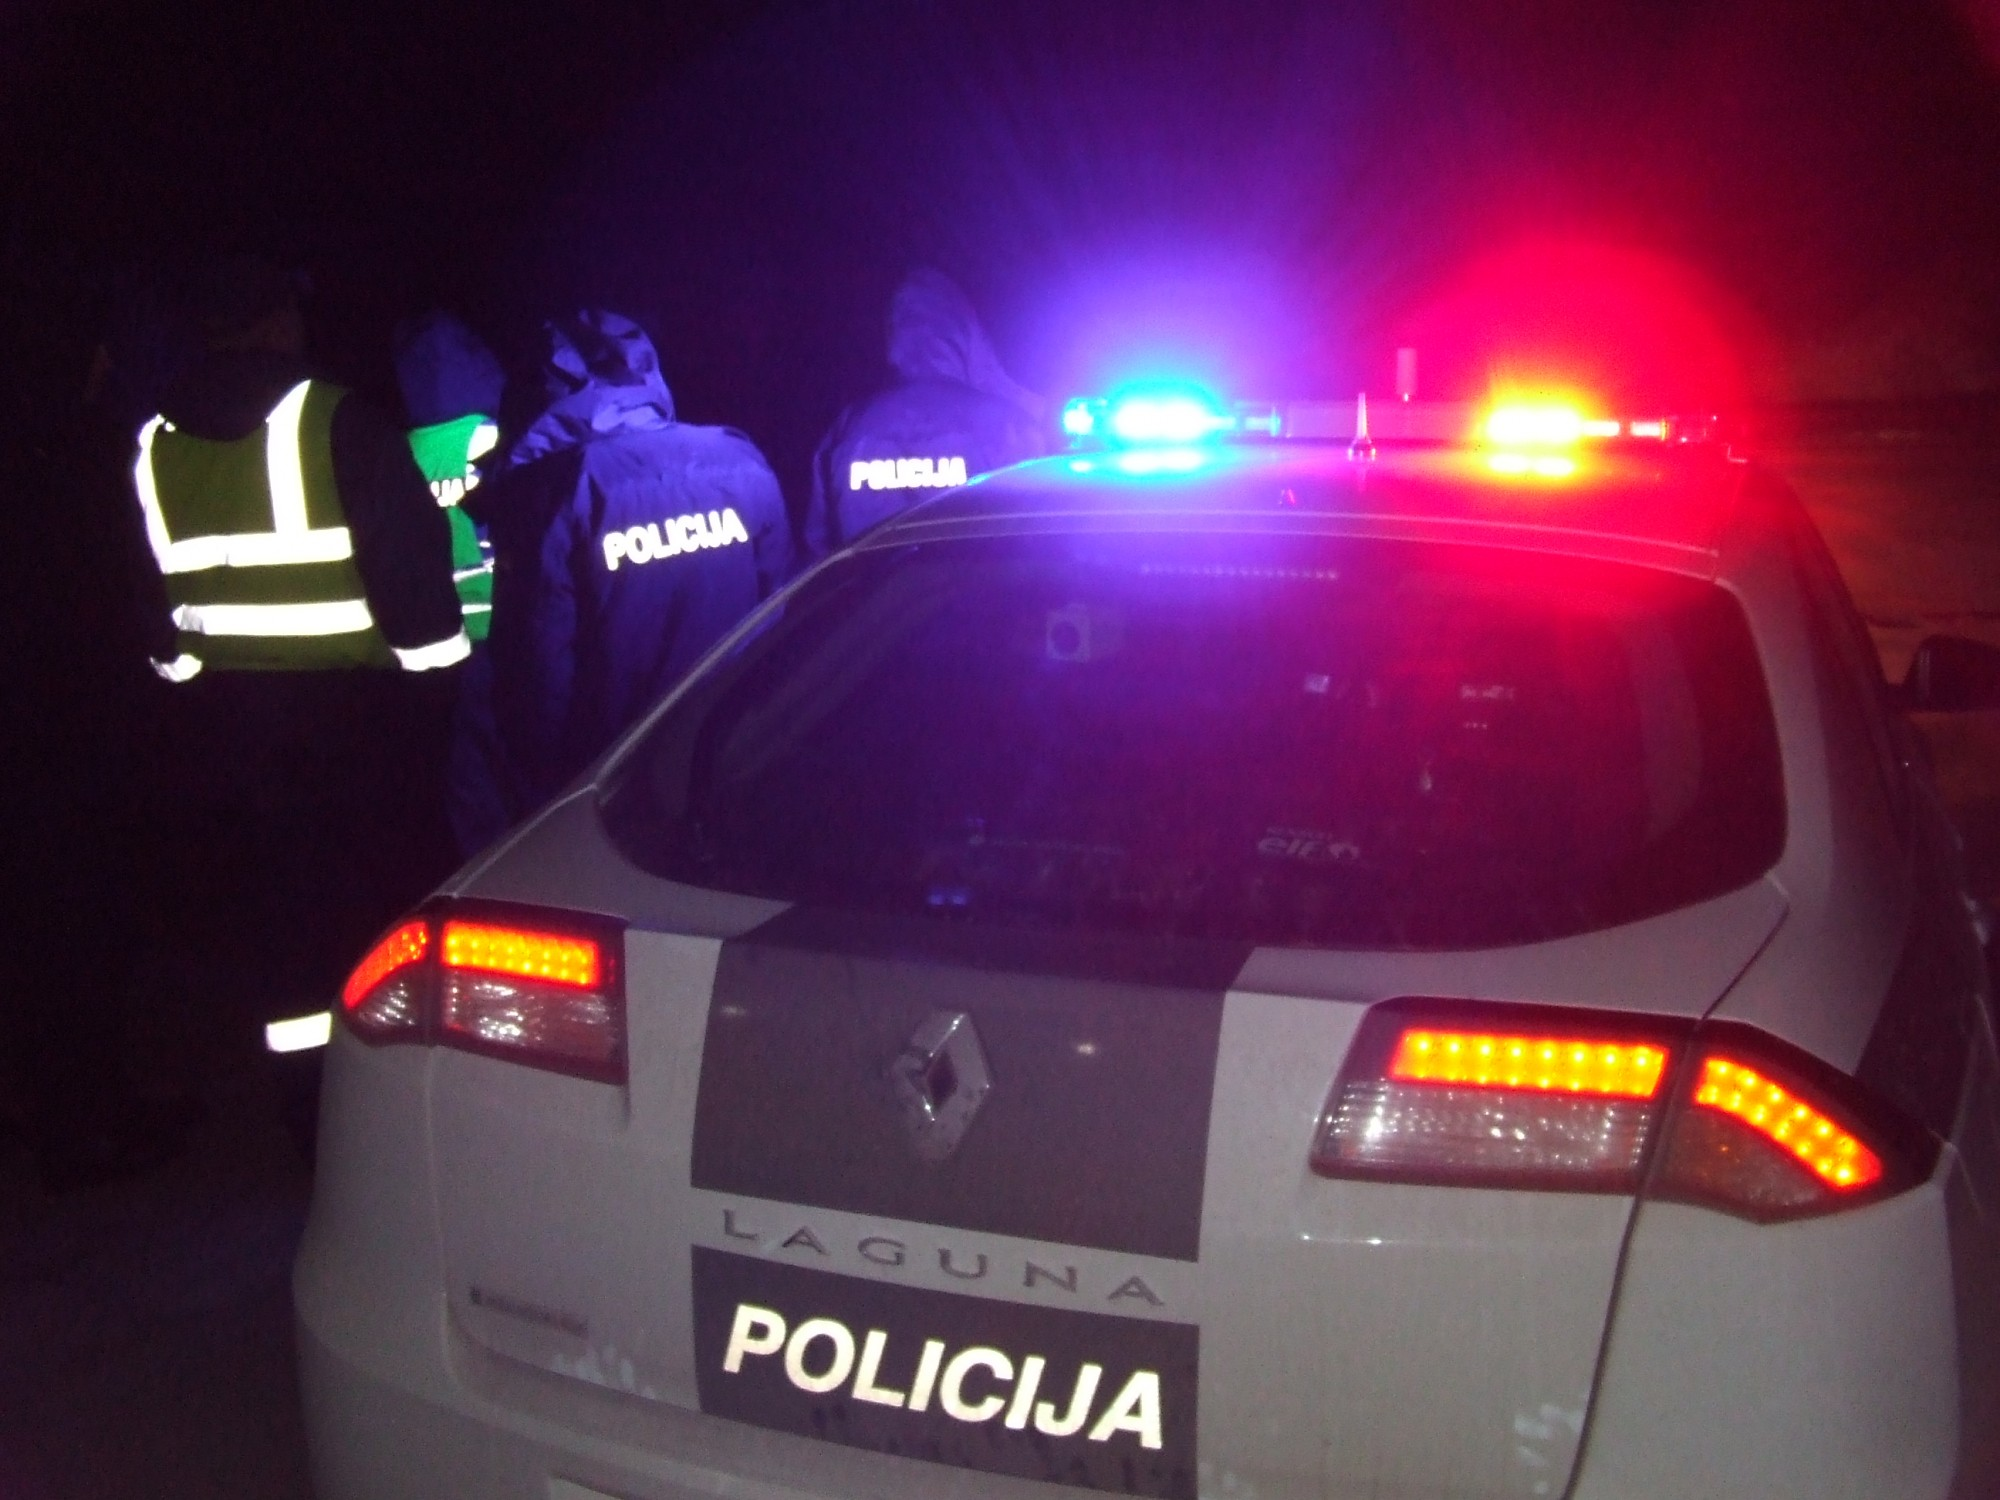 Nedēļas nogalē Kurzemē reģistrēti 14 negadījumi, kuros notriekti meža dzīvnieki